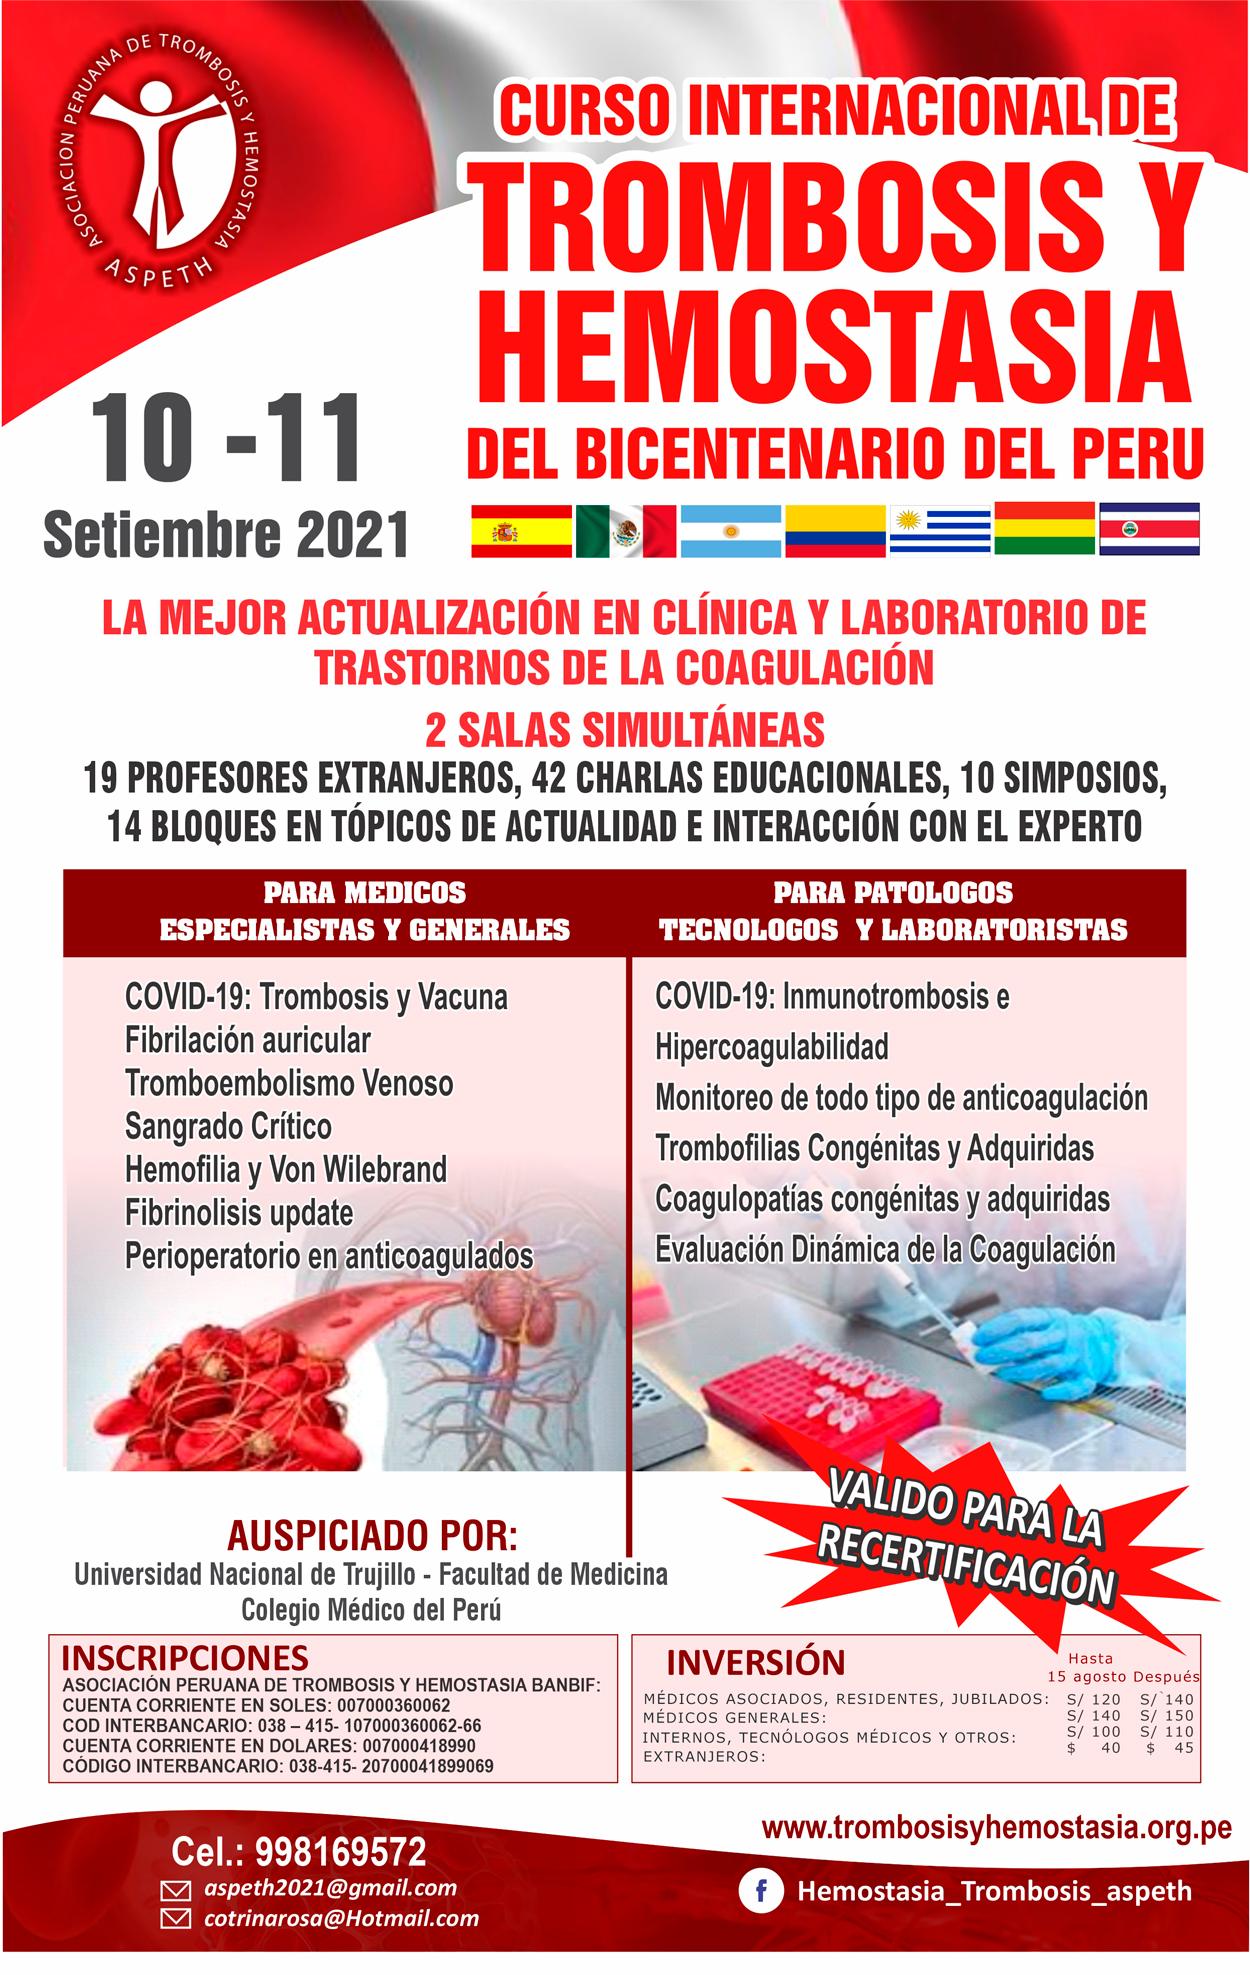 Curso Internacional de Trombosis y Hemostasia del Bicentenario del Peru